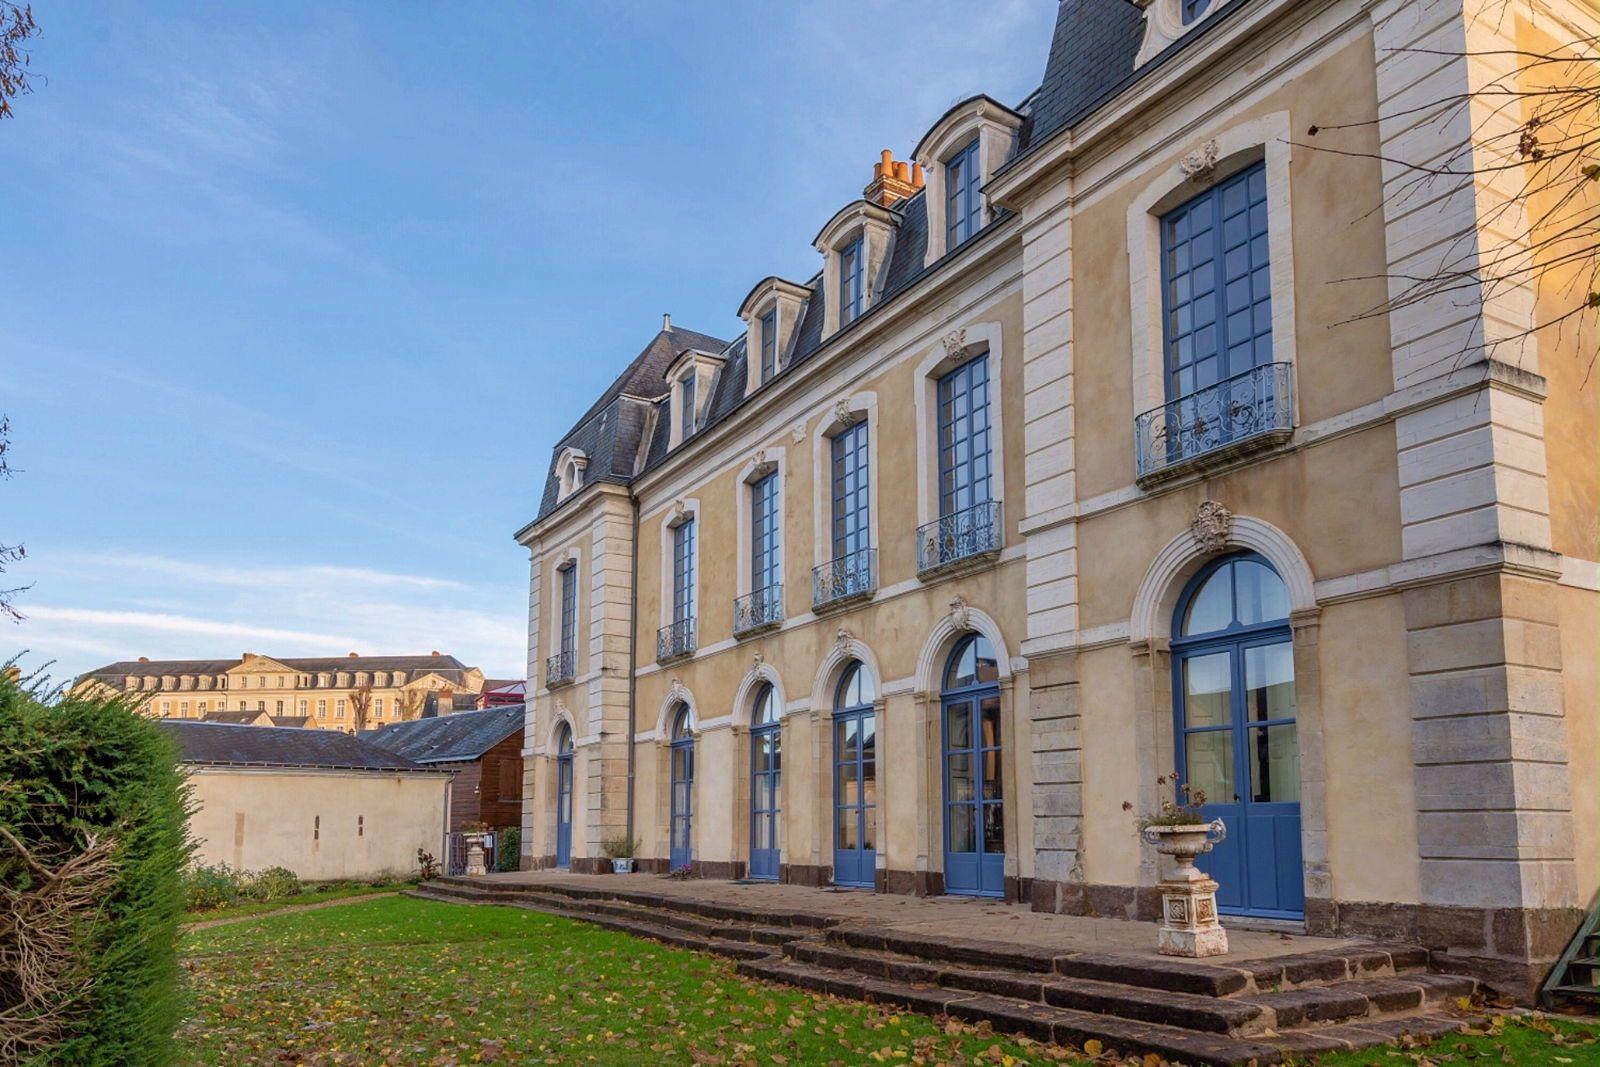 Loue propriété de charme, calme, parc, en centre-ville- 4couchages- Et parking- Le Mans